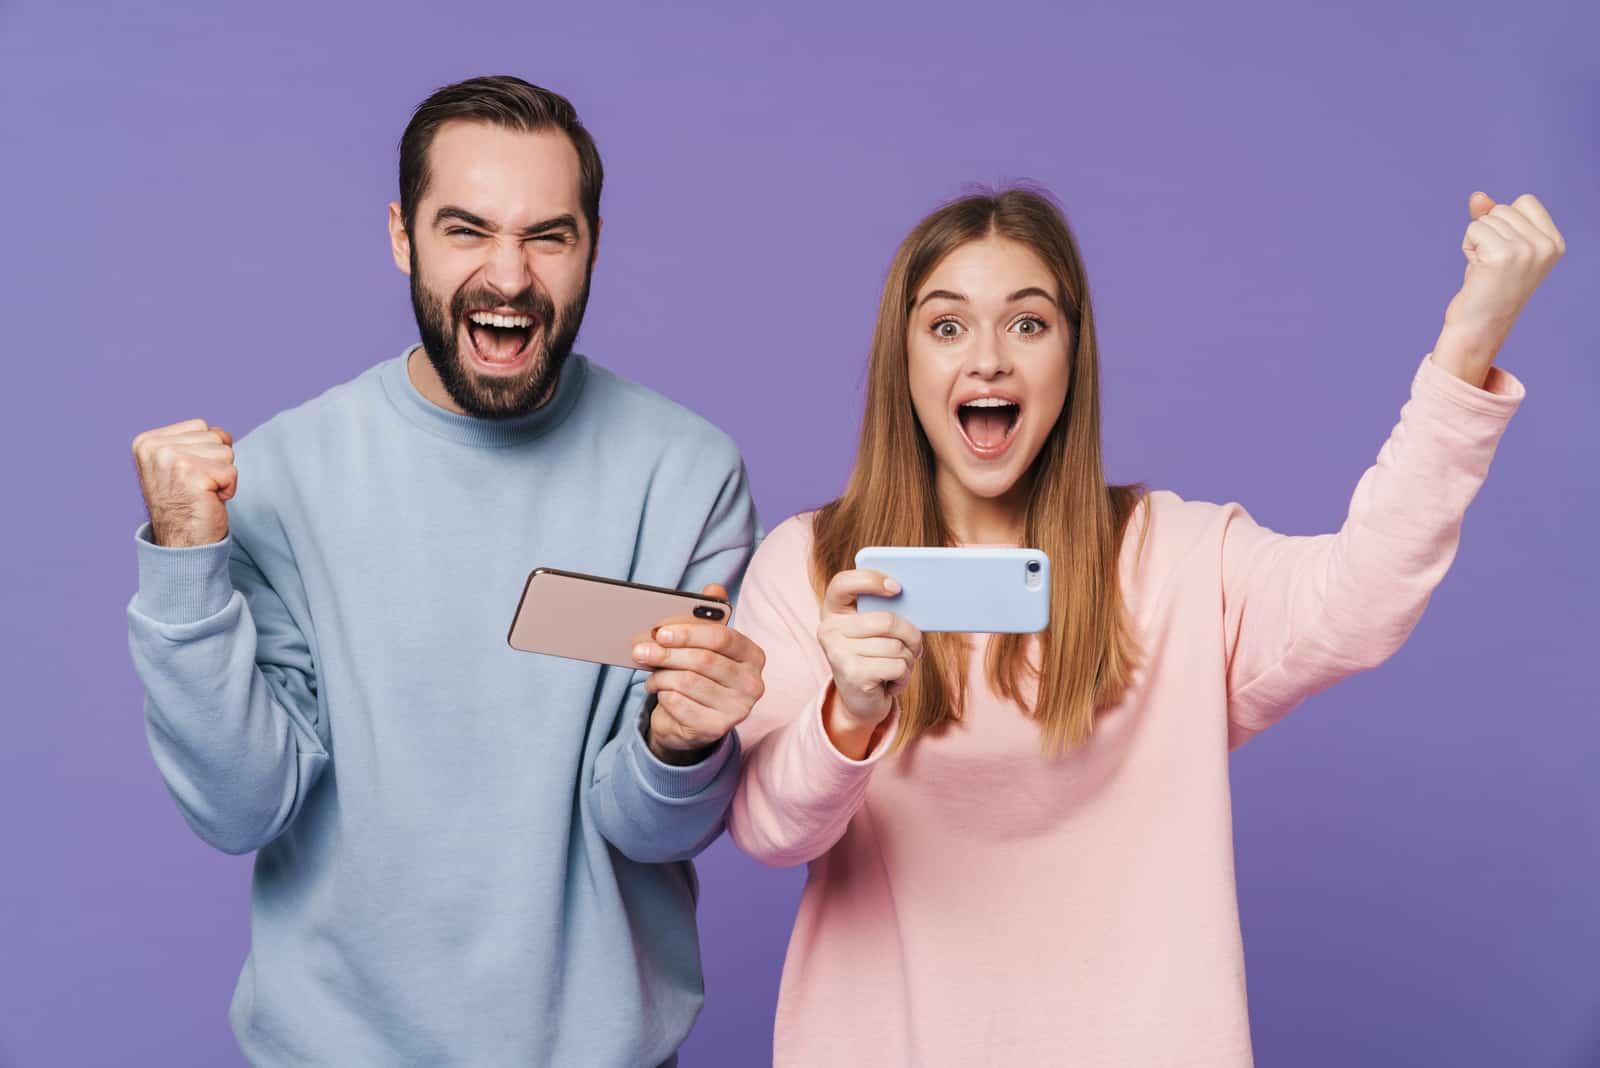 un homme et une femme tiennent un téléphone dans leurs mains